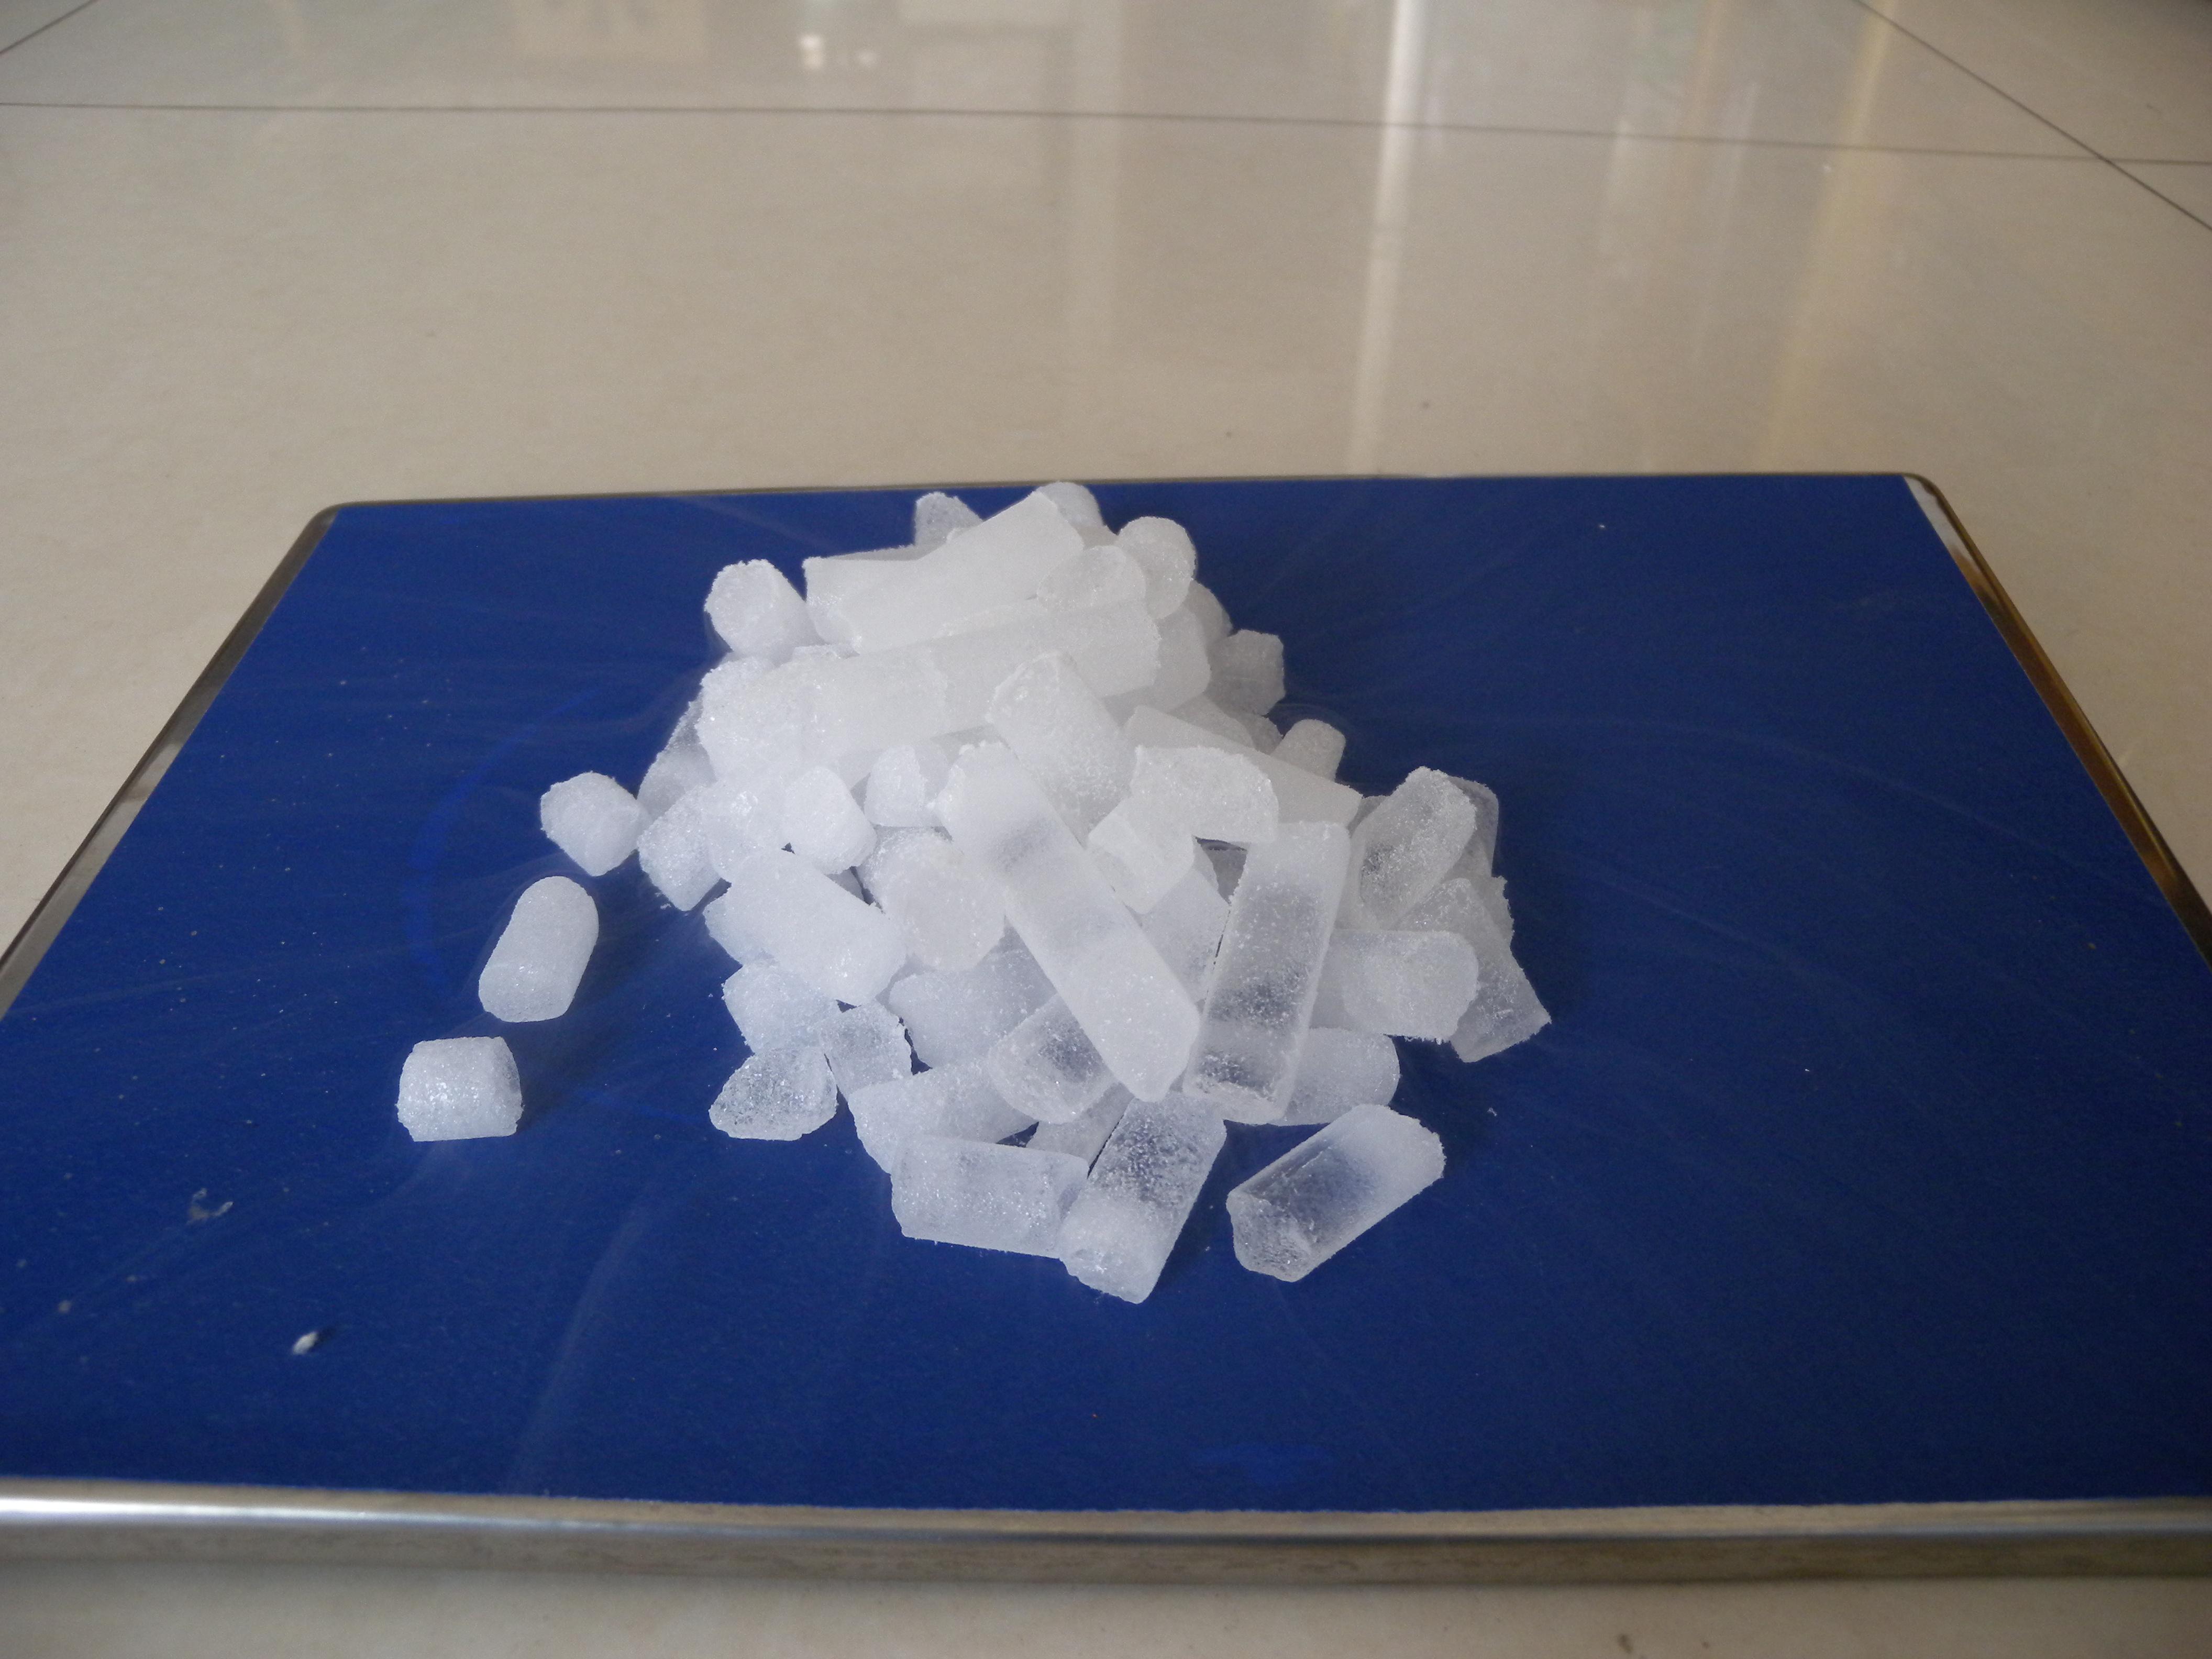 文山 普洱 玉溪干冰厂家,电话13888999533,文山干冰 普洱干冰 玉溪干冰